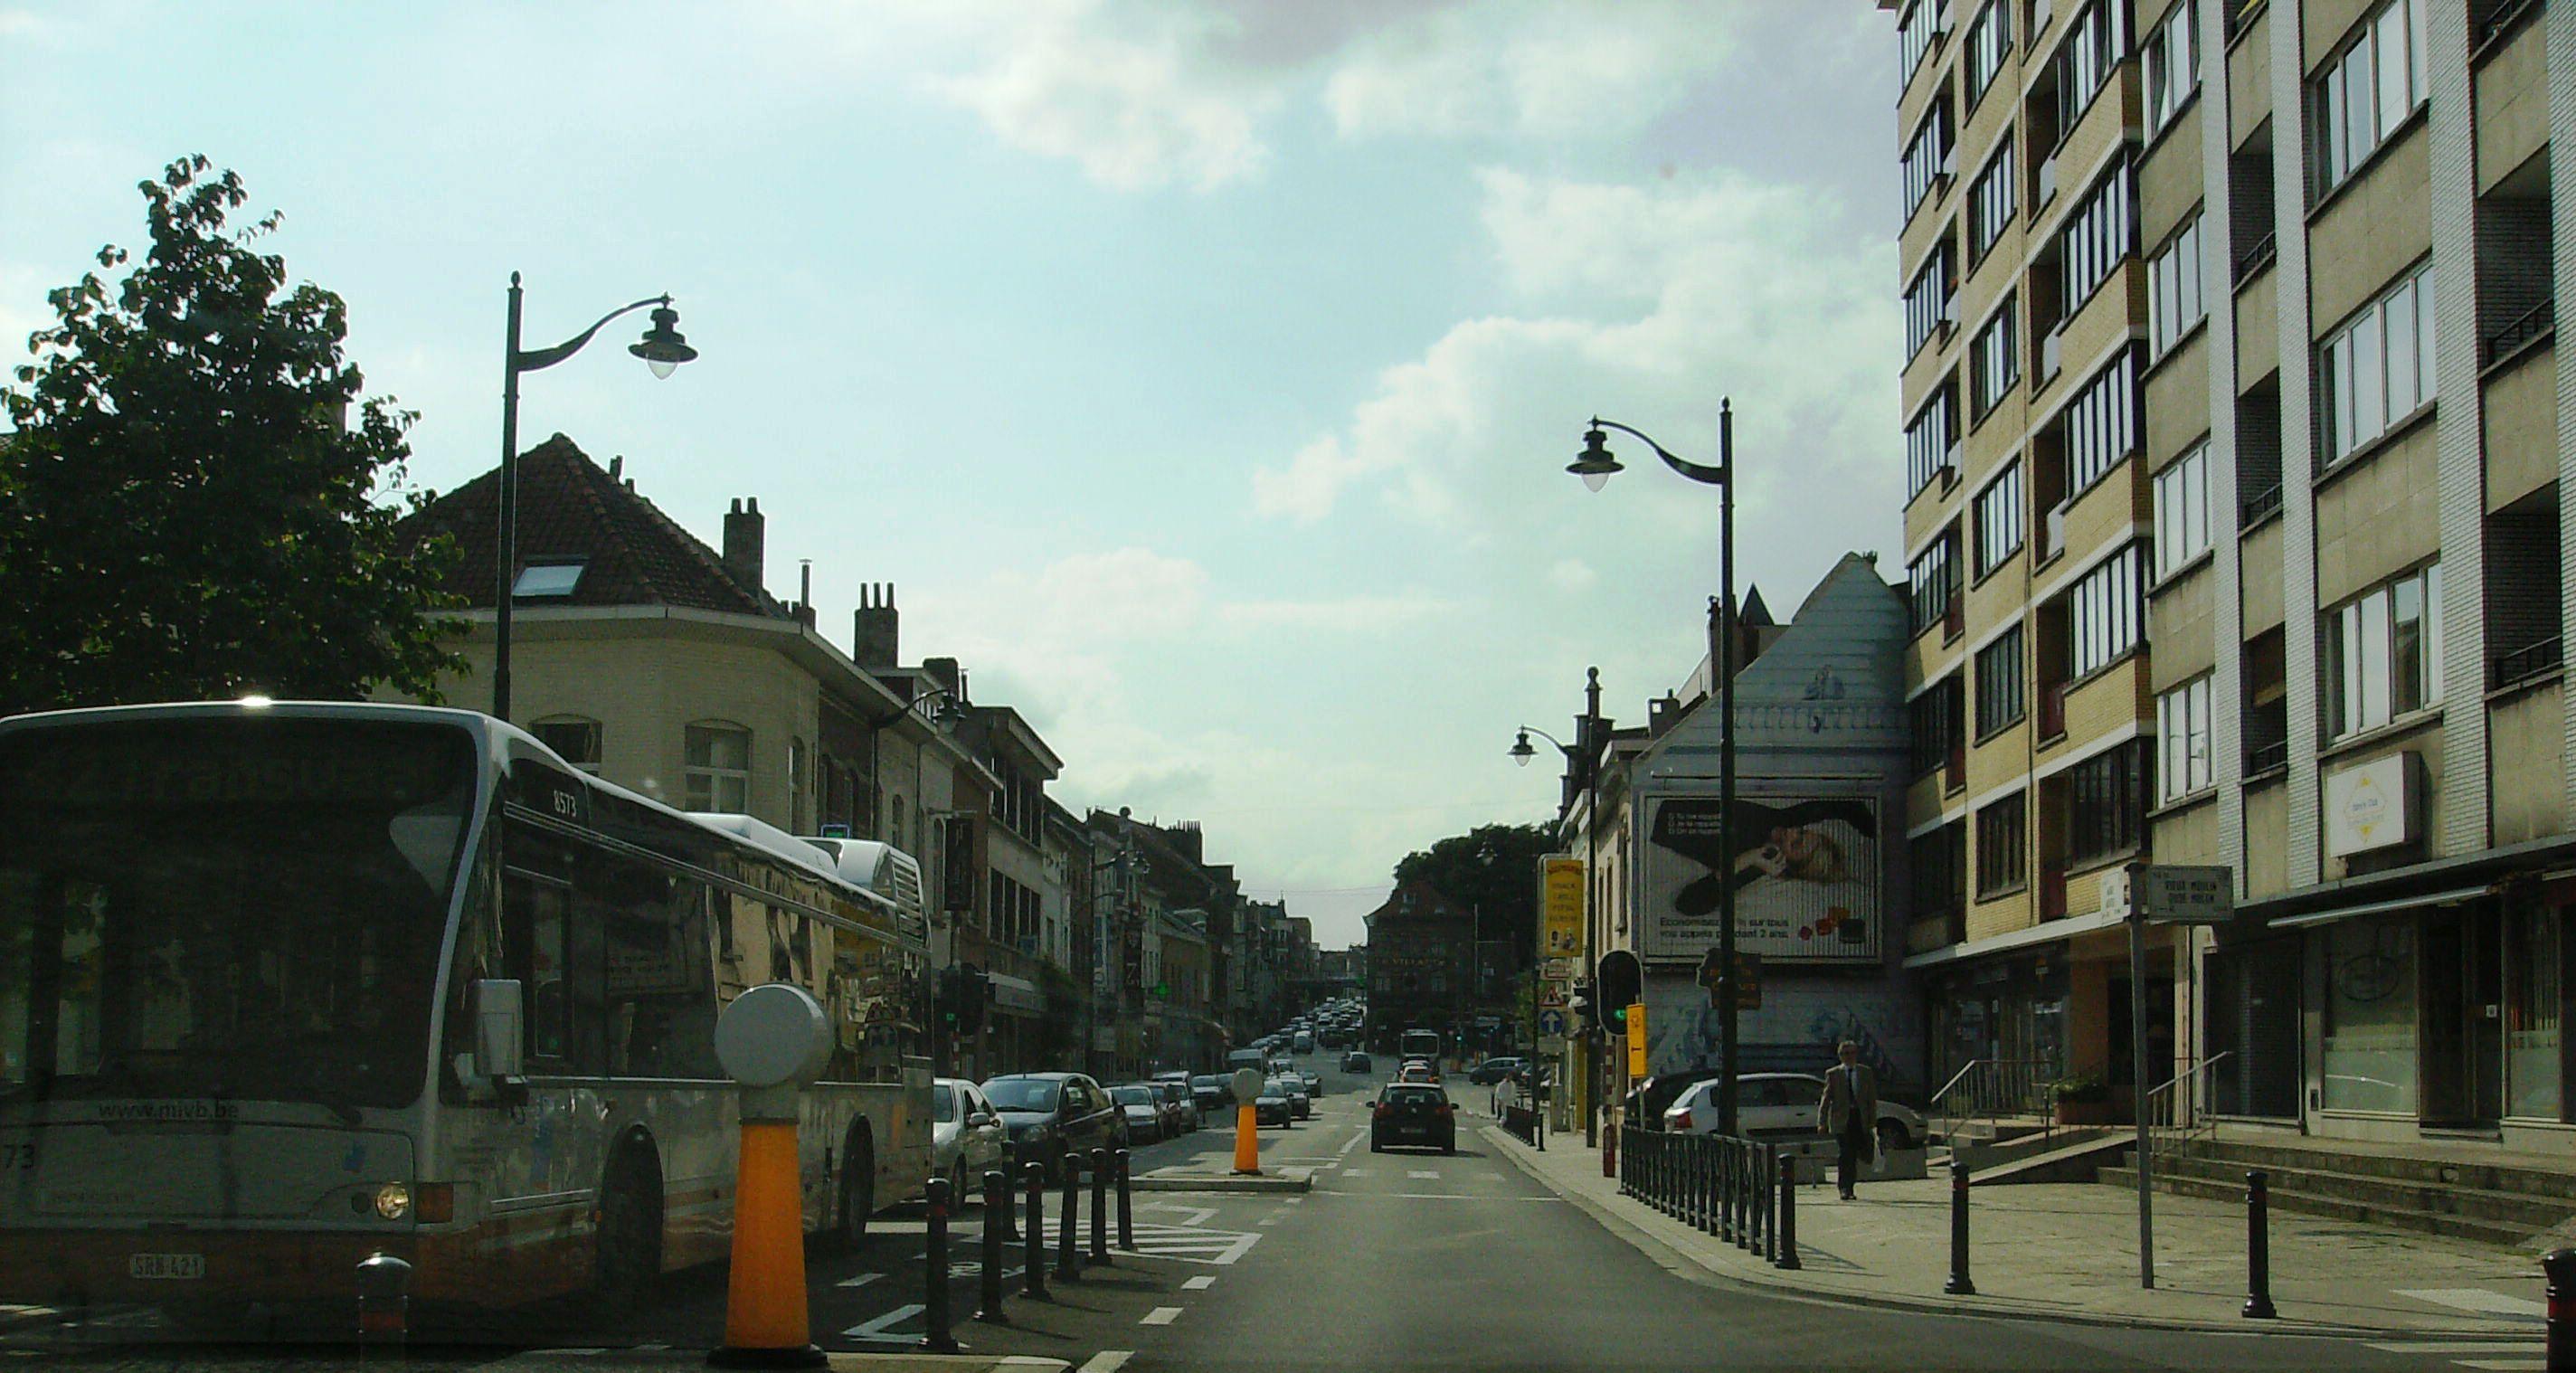 Wavre Belgium  city images : Description Chaussee Wavre